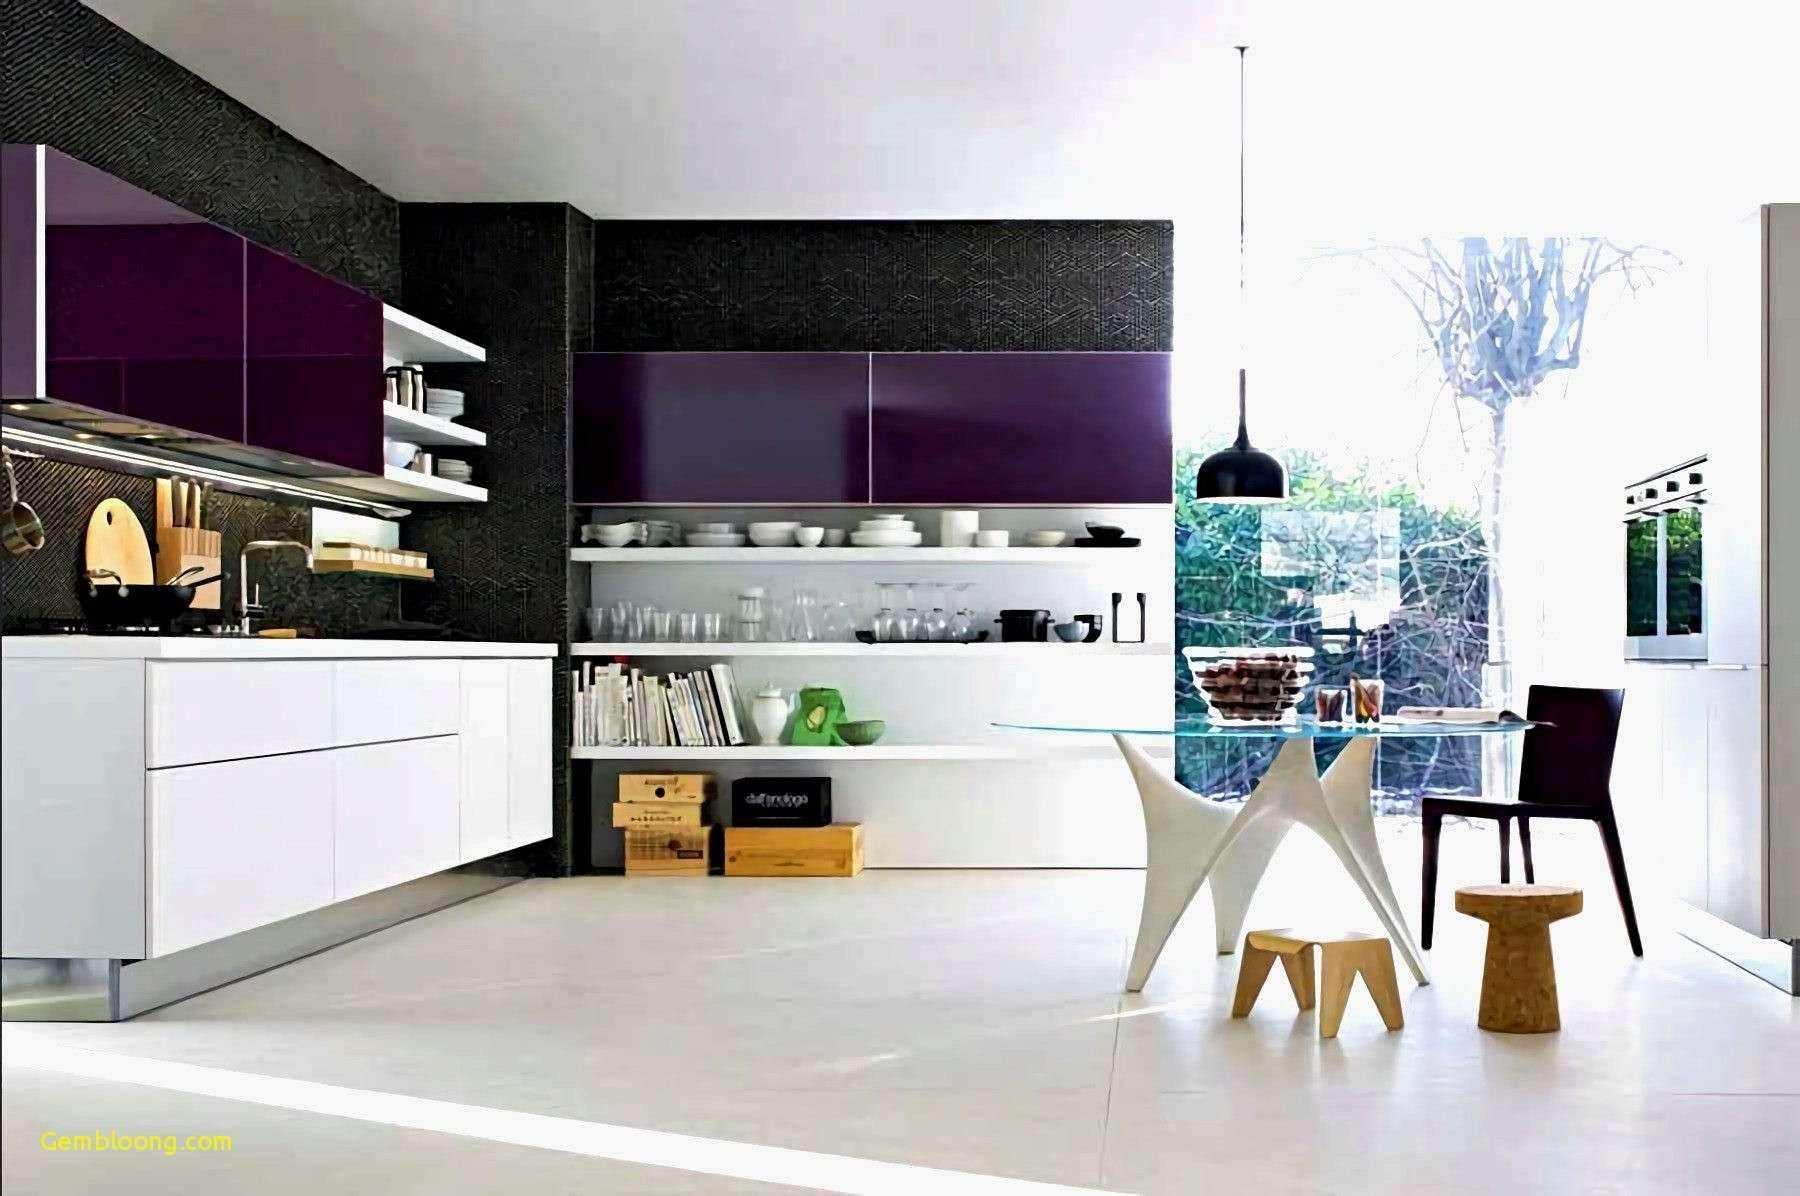 bilder modern wohnzimmer luxus wohnzimmer landhausstil 0d amazing design von landhausstil einrichten tipps of landhausstil einrichten tipps